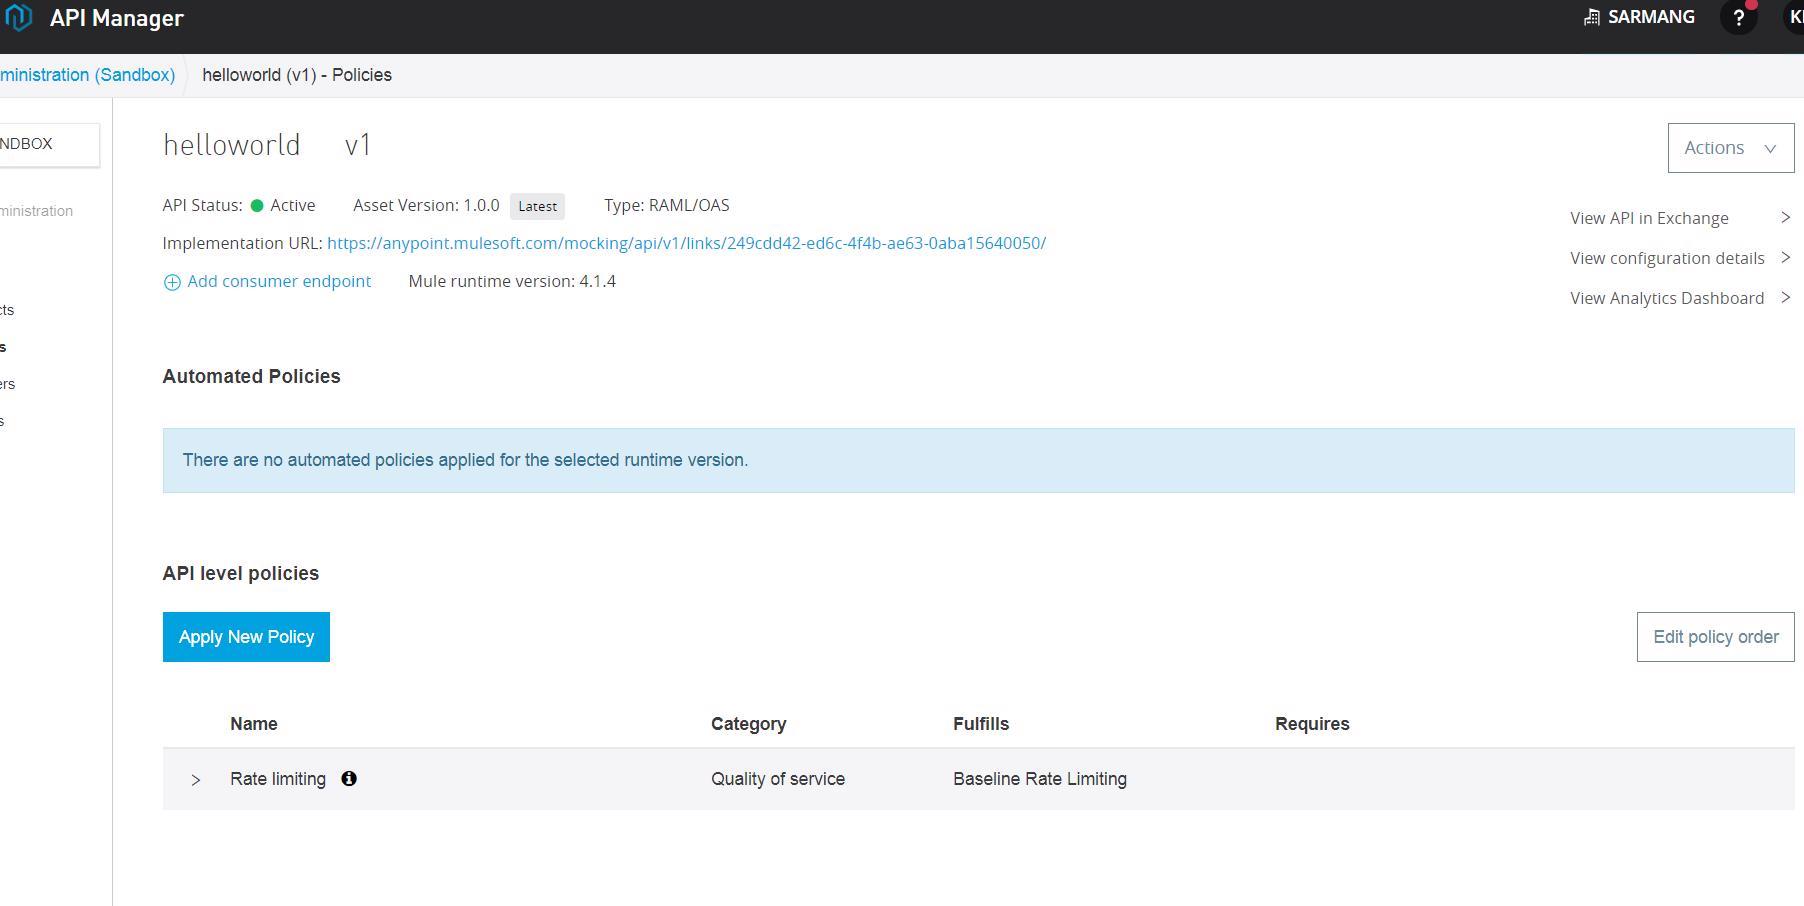 Áp dụng Chính sách giới hạn tỷ lệ và Chính sách kiểm soát chênh lệch trong API